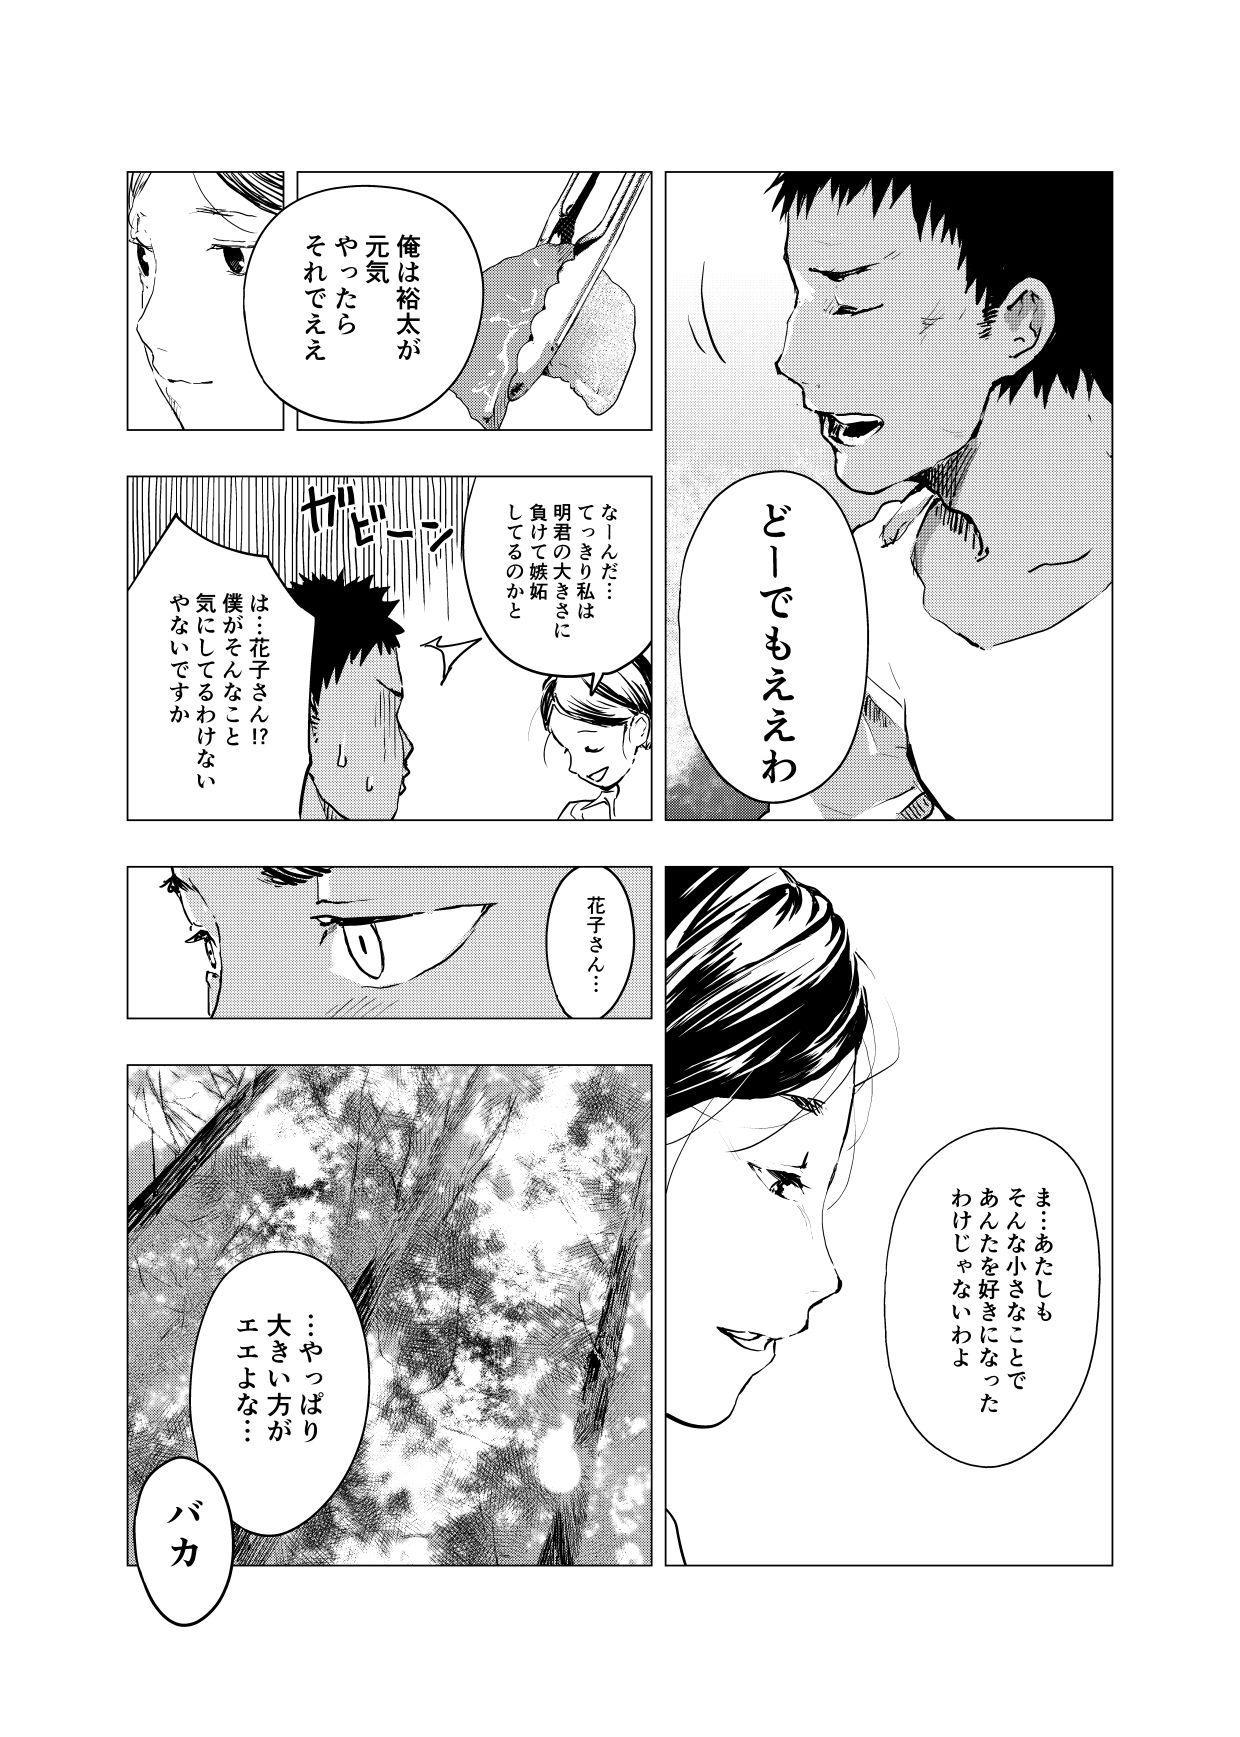 Inaka no Uke Shounen to Tokai no Seme Shounen no Ero Manga 1-6 77